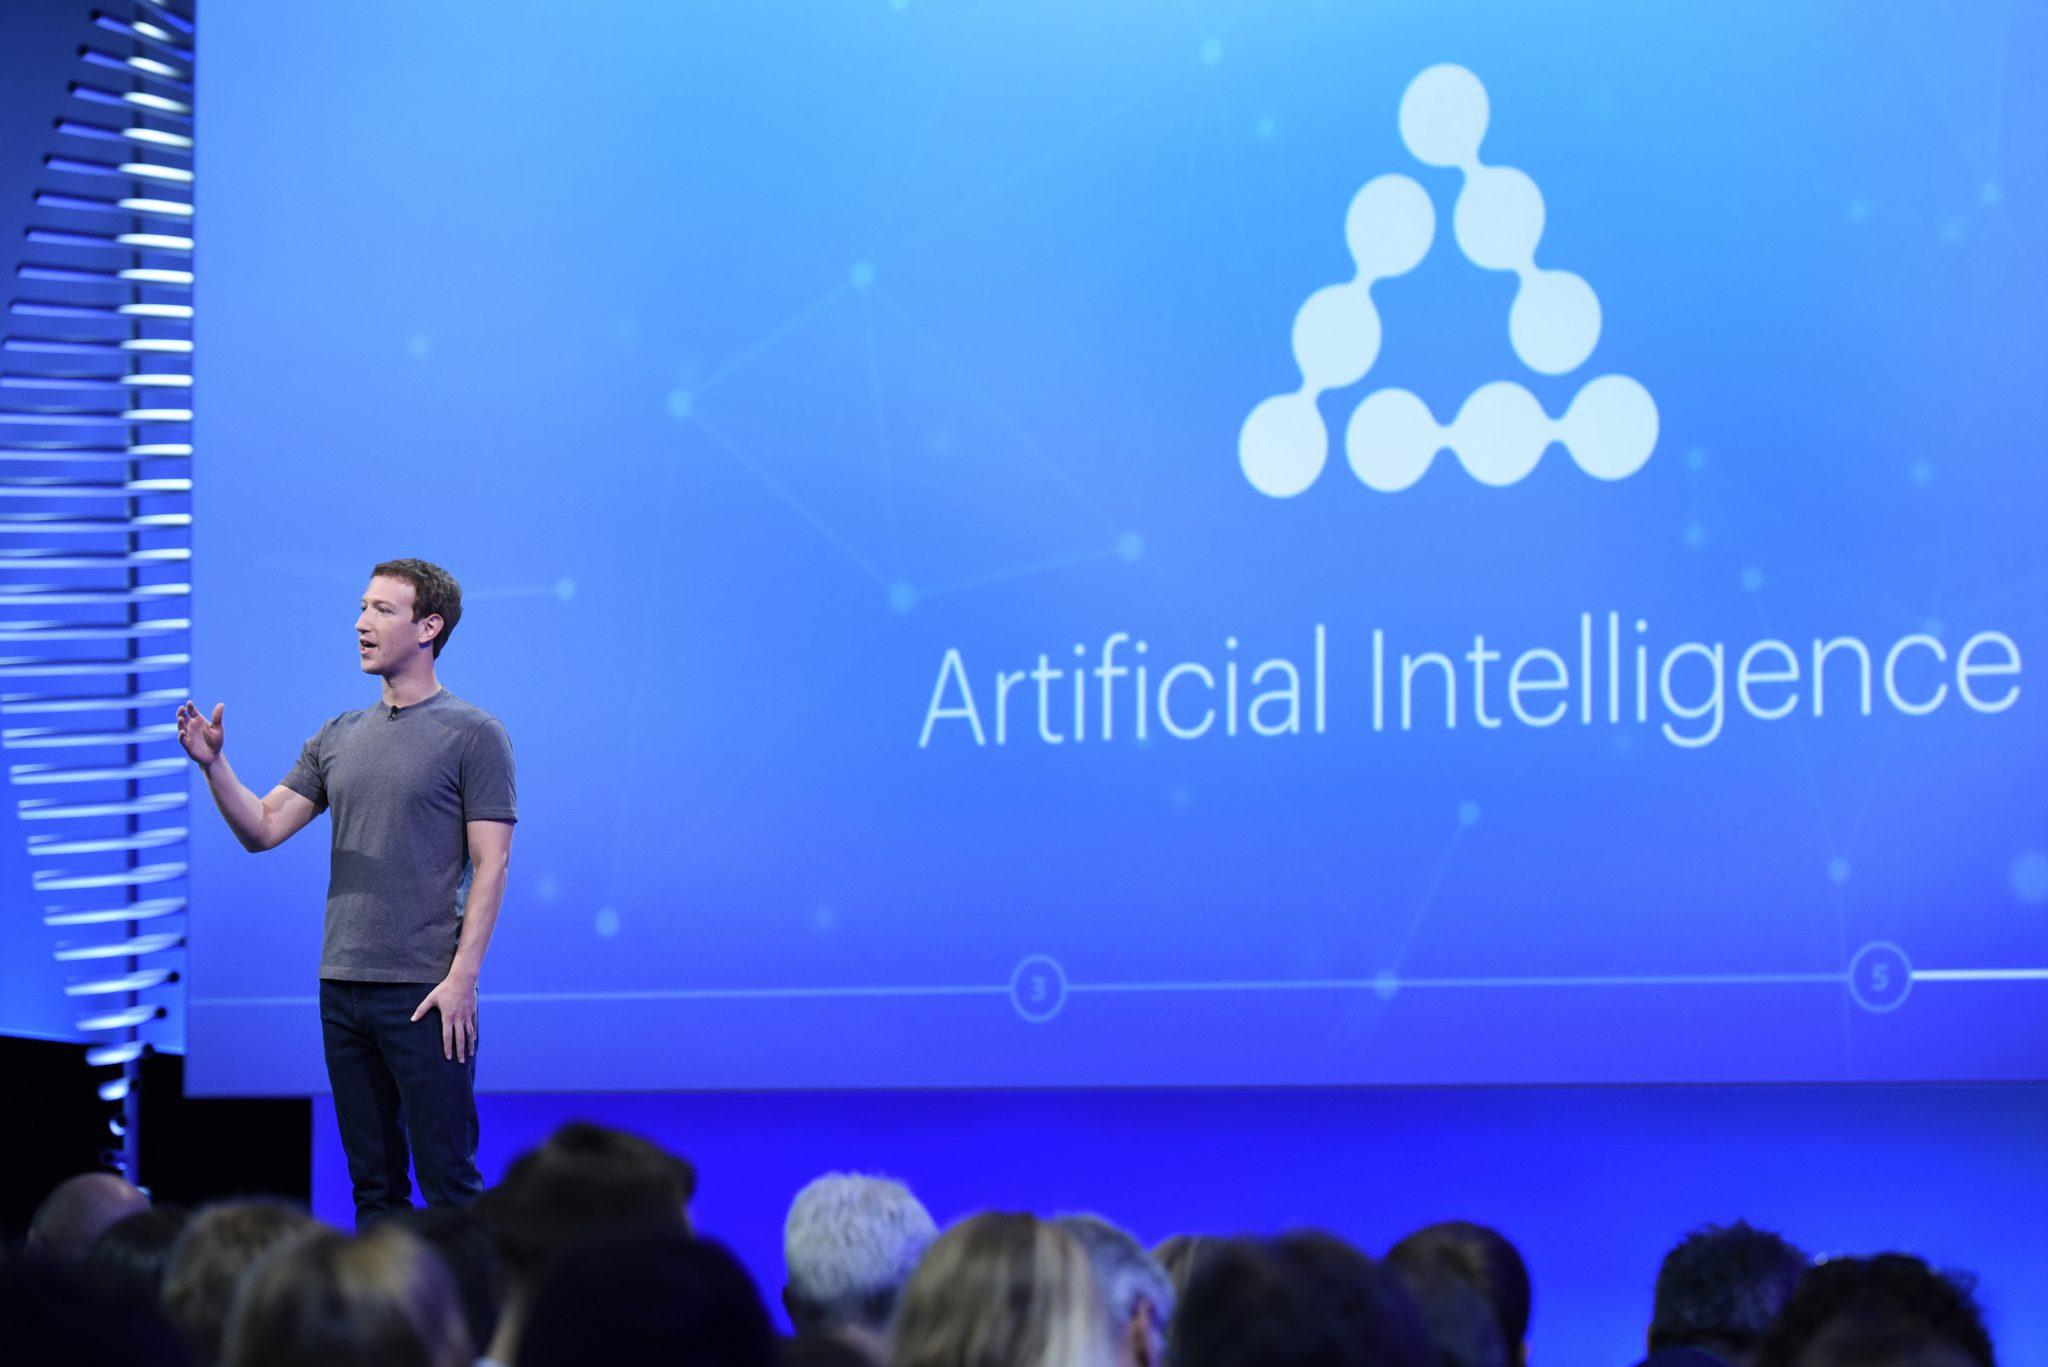 La nuova tecnologia AI di Facebook rivoluzionerà gli apparecchi acustici